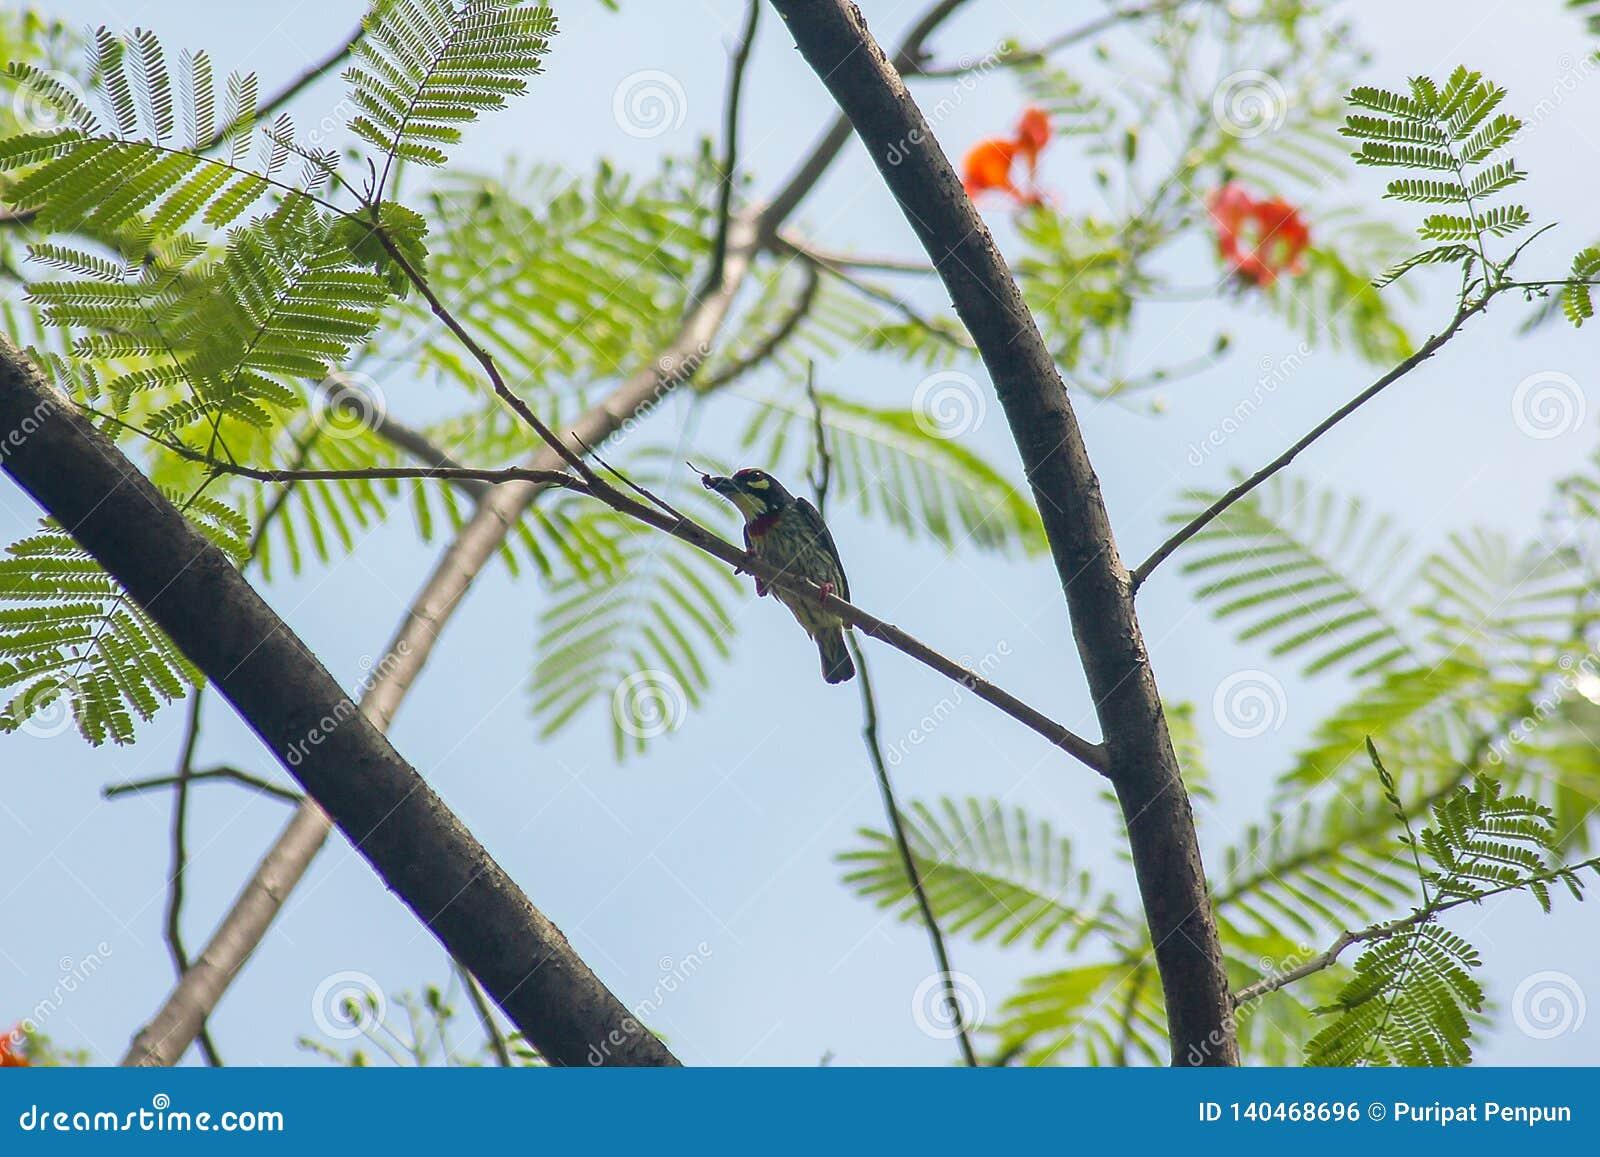 Megalaima-haemacephala ist auf dem Baum